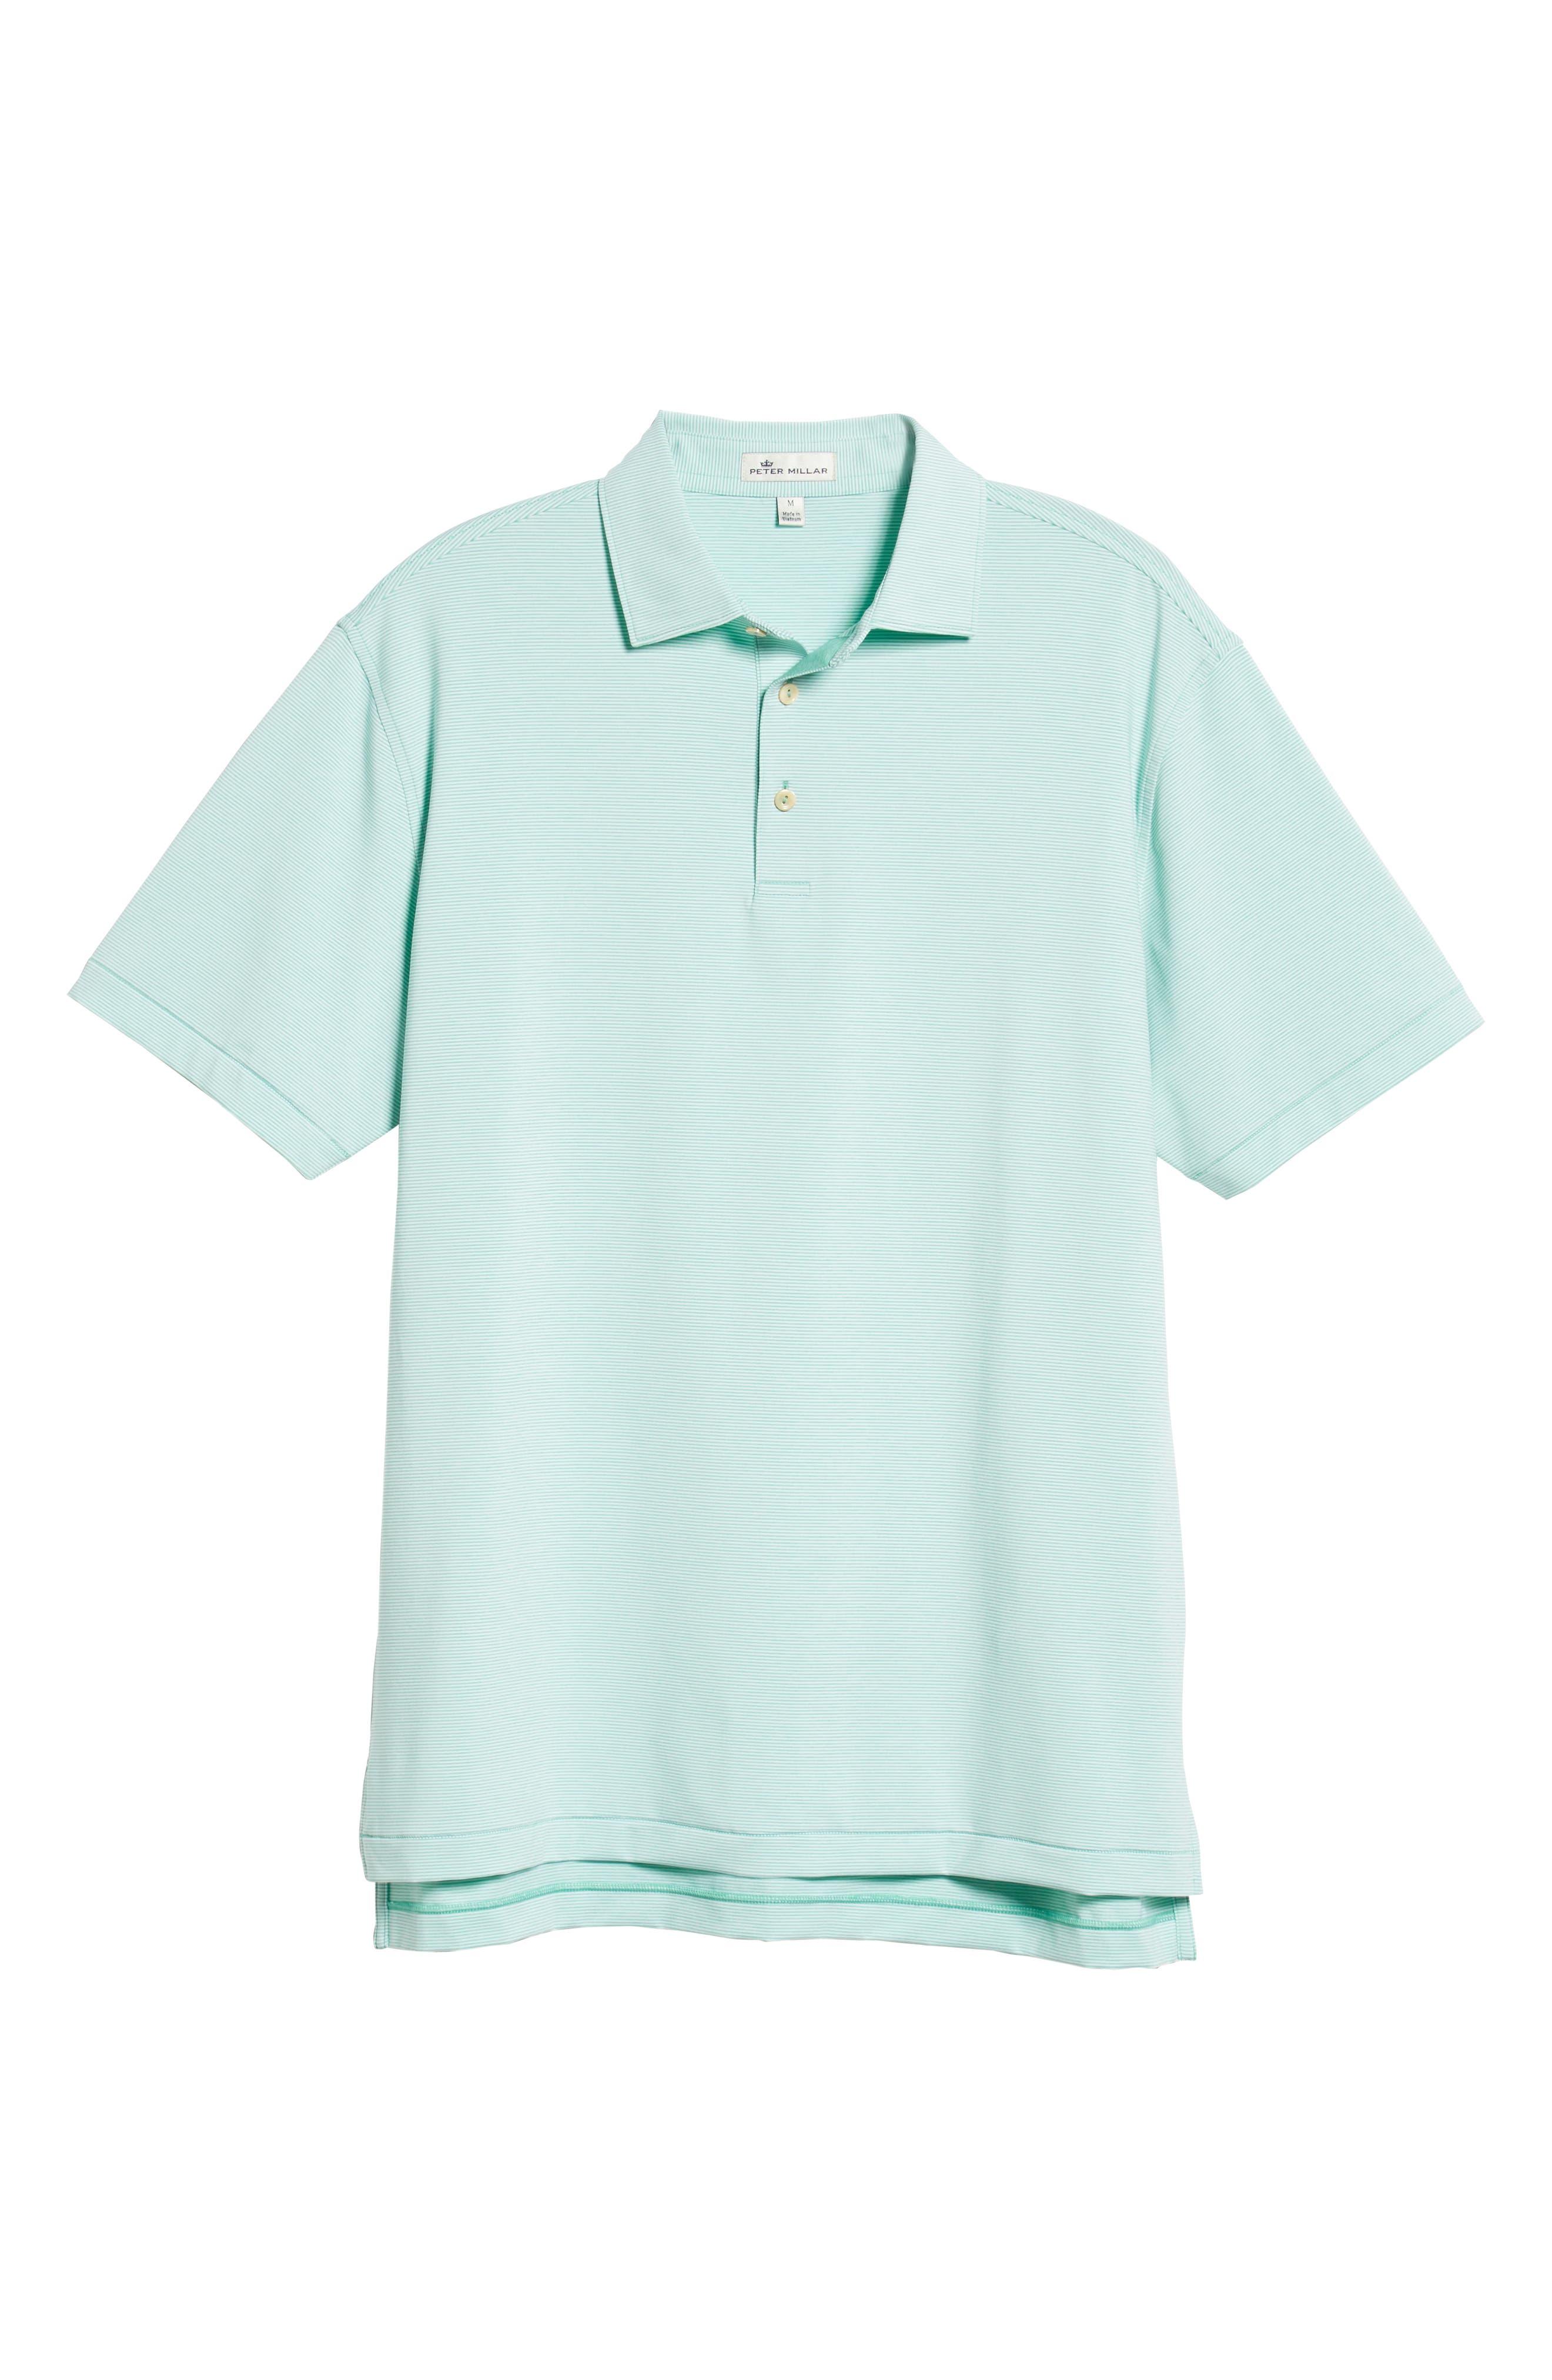 PETER MILLAR, Jubilee Stripe Jersey Polo, Alternate thumbnail 6, color, MEADOW